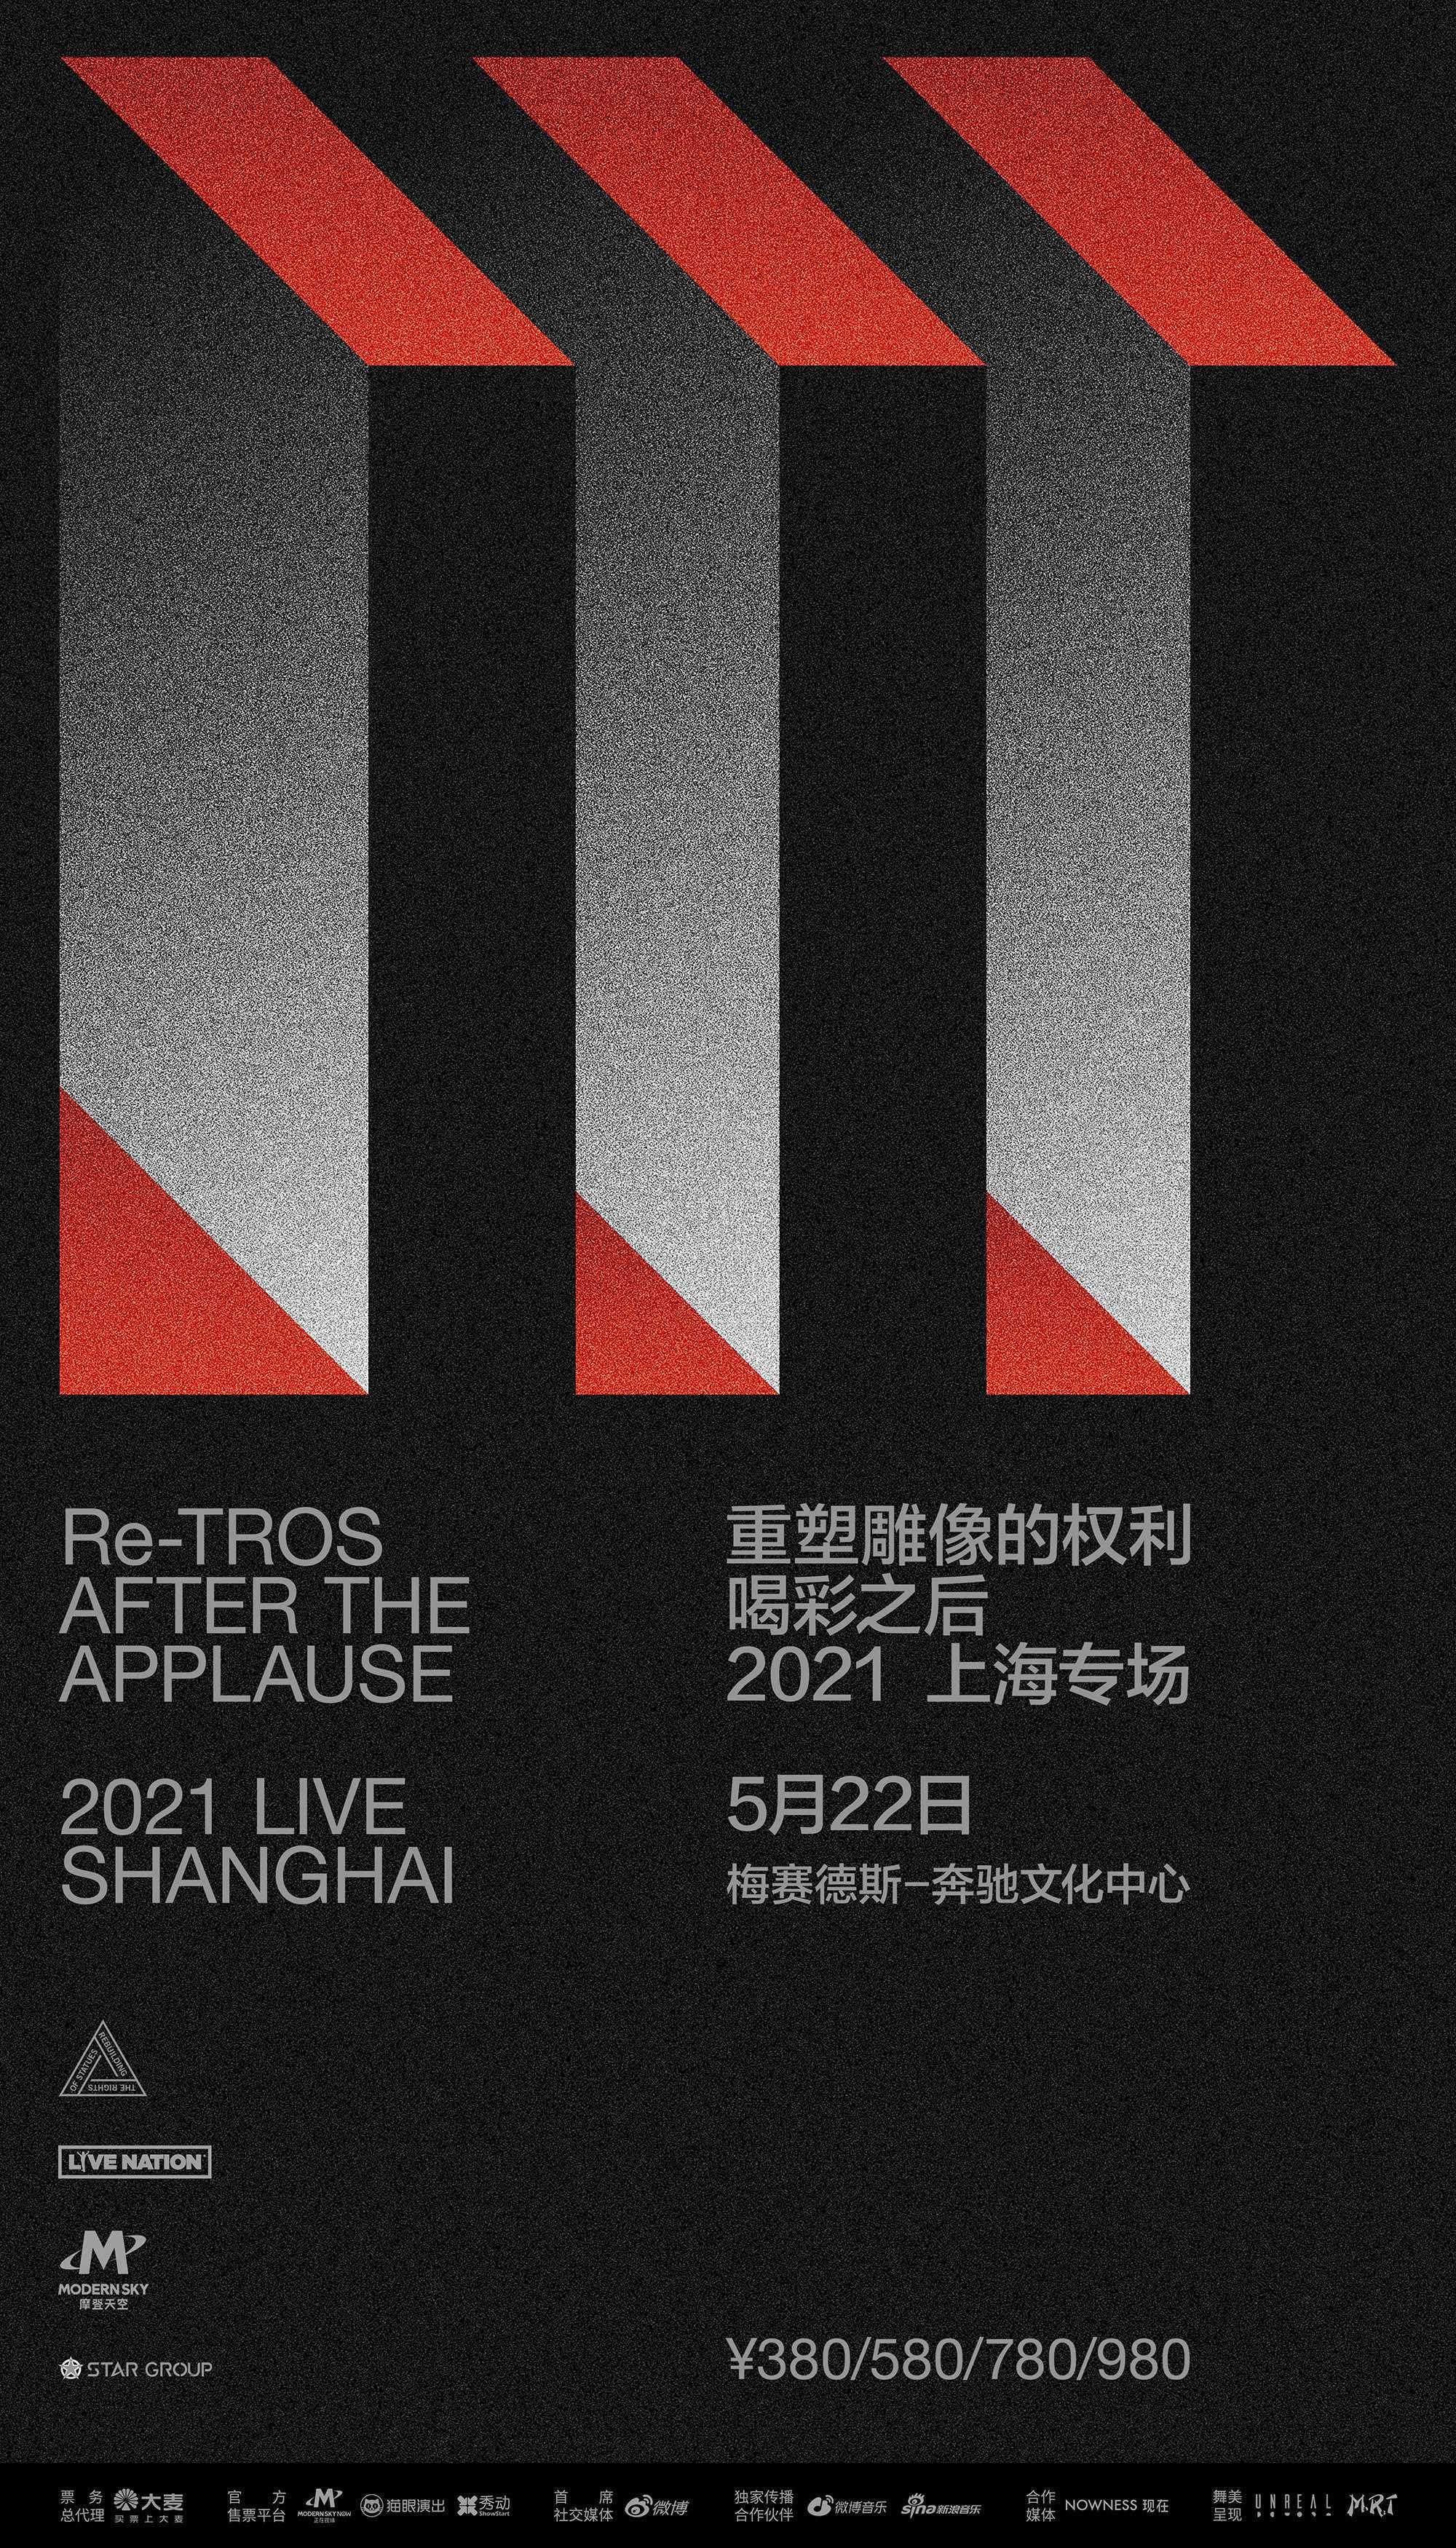 重塑雕像的权利上海演唱会开票  中国摇滚乐队首进「梅奔」创造巅峰现场体验